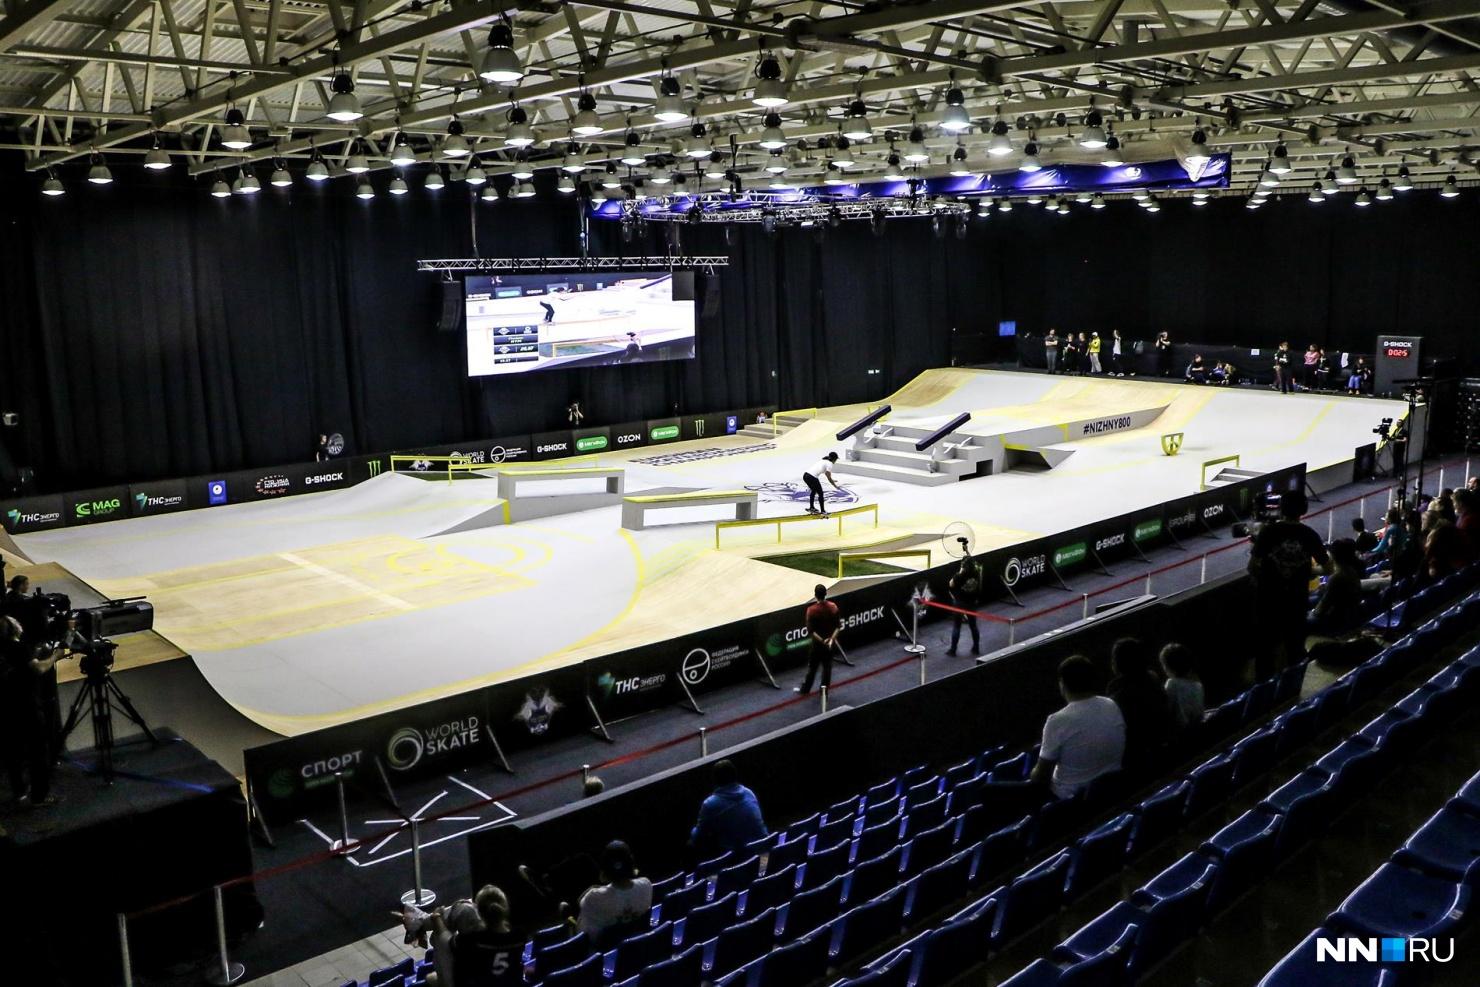 Скейт-парк вновь откроют в Нижнем Новгороде к 800-летию города